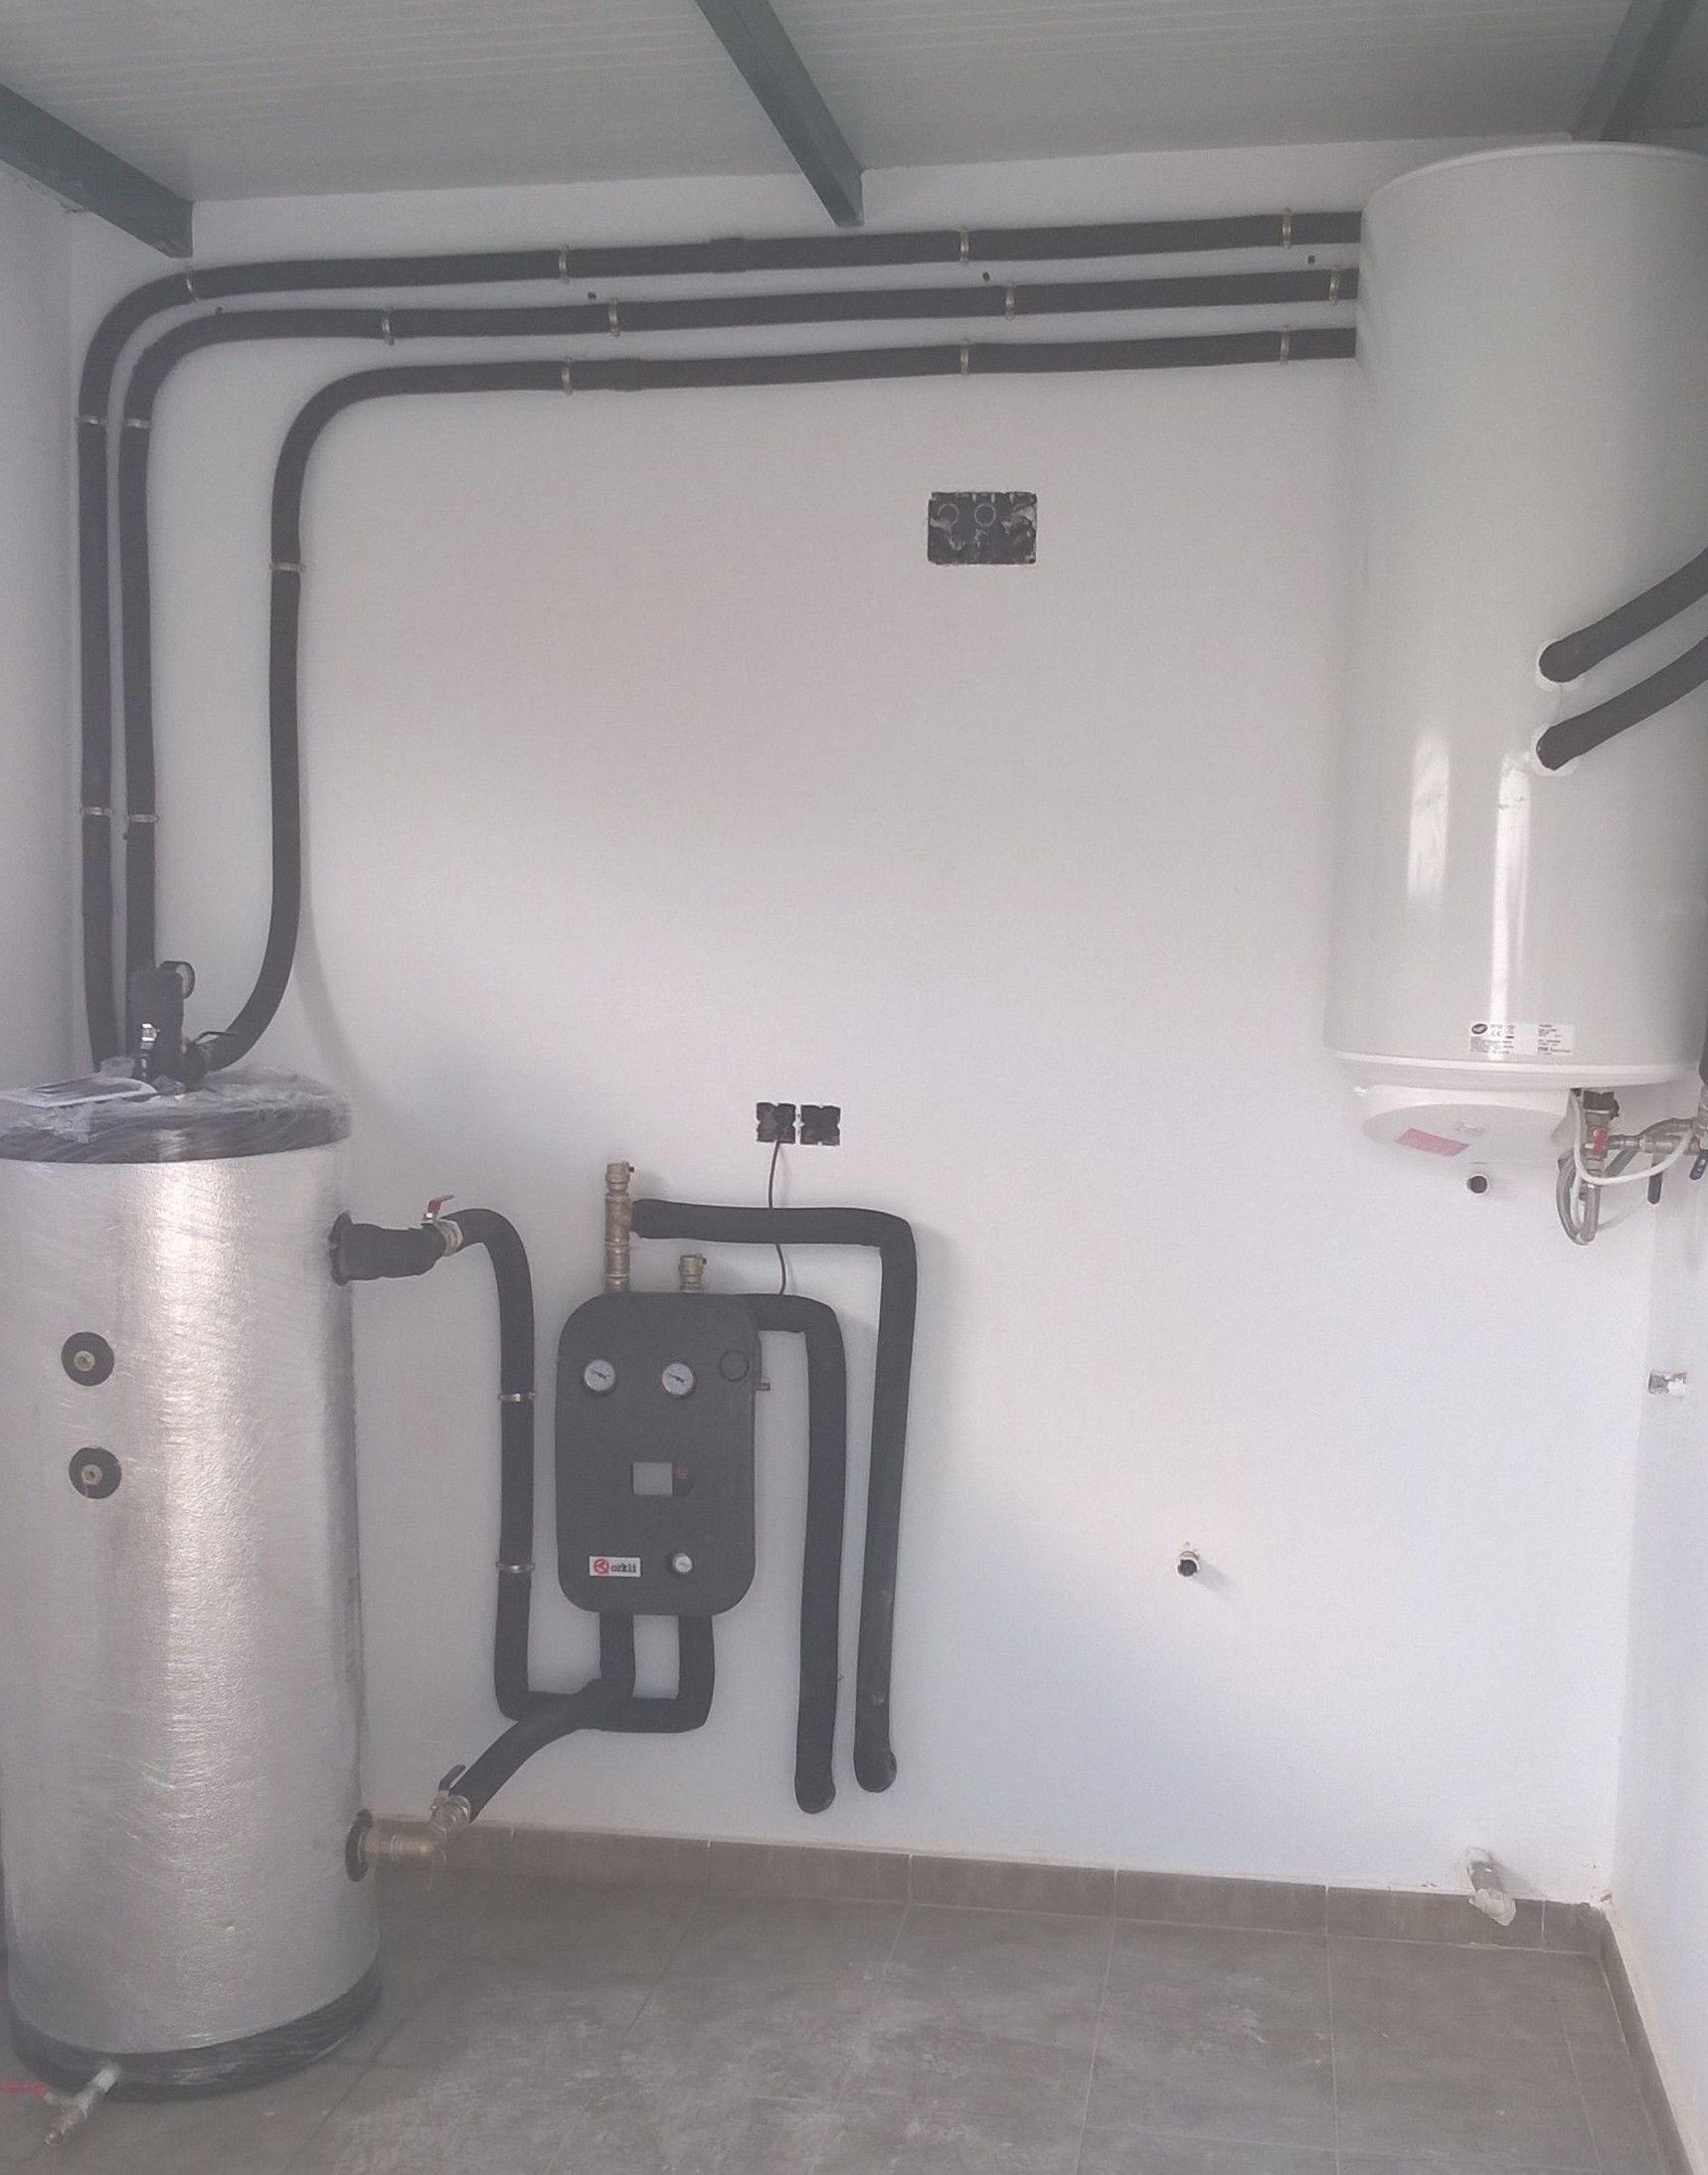 Instalacion de A.C.S. por acumulacion e inercia para suelo radiante.